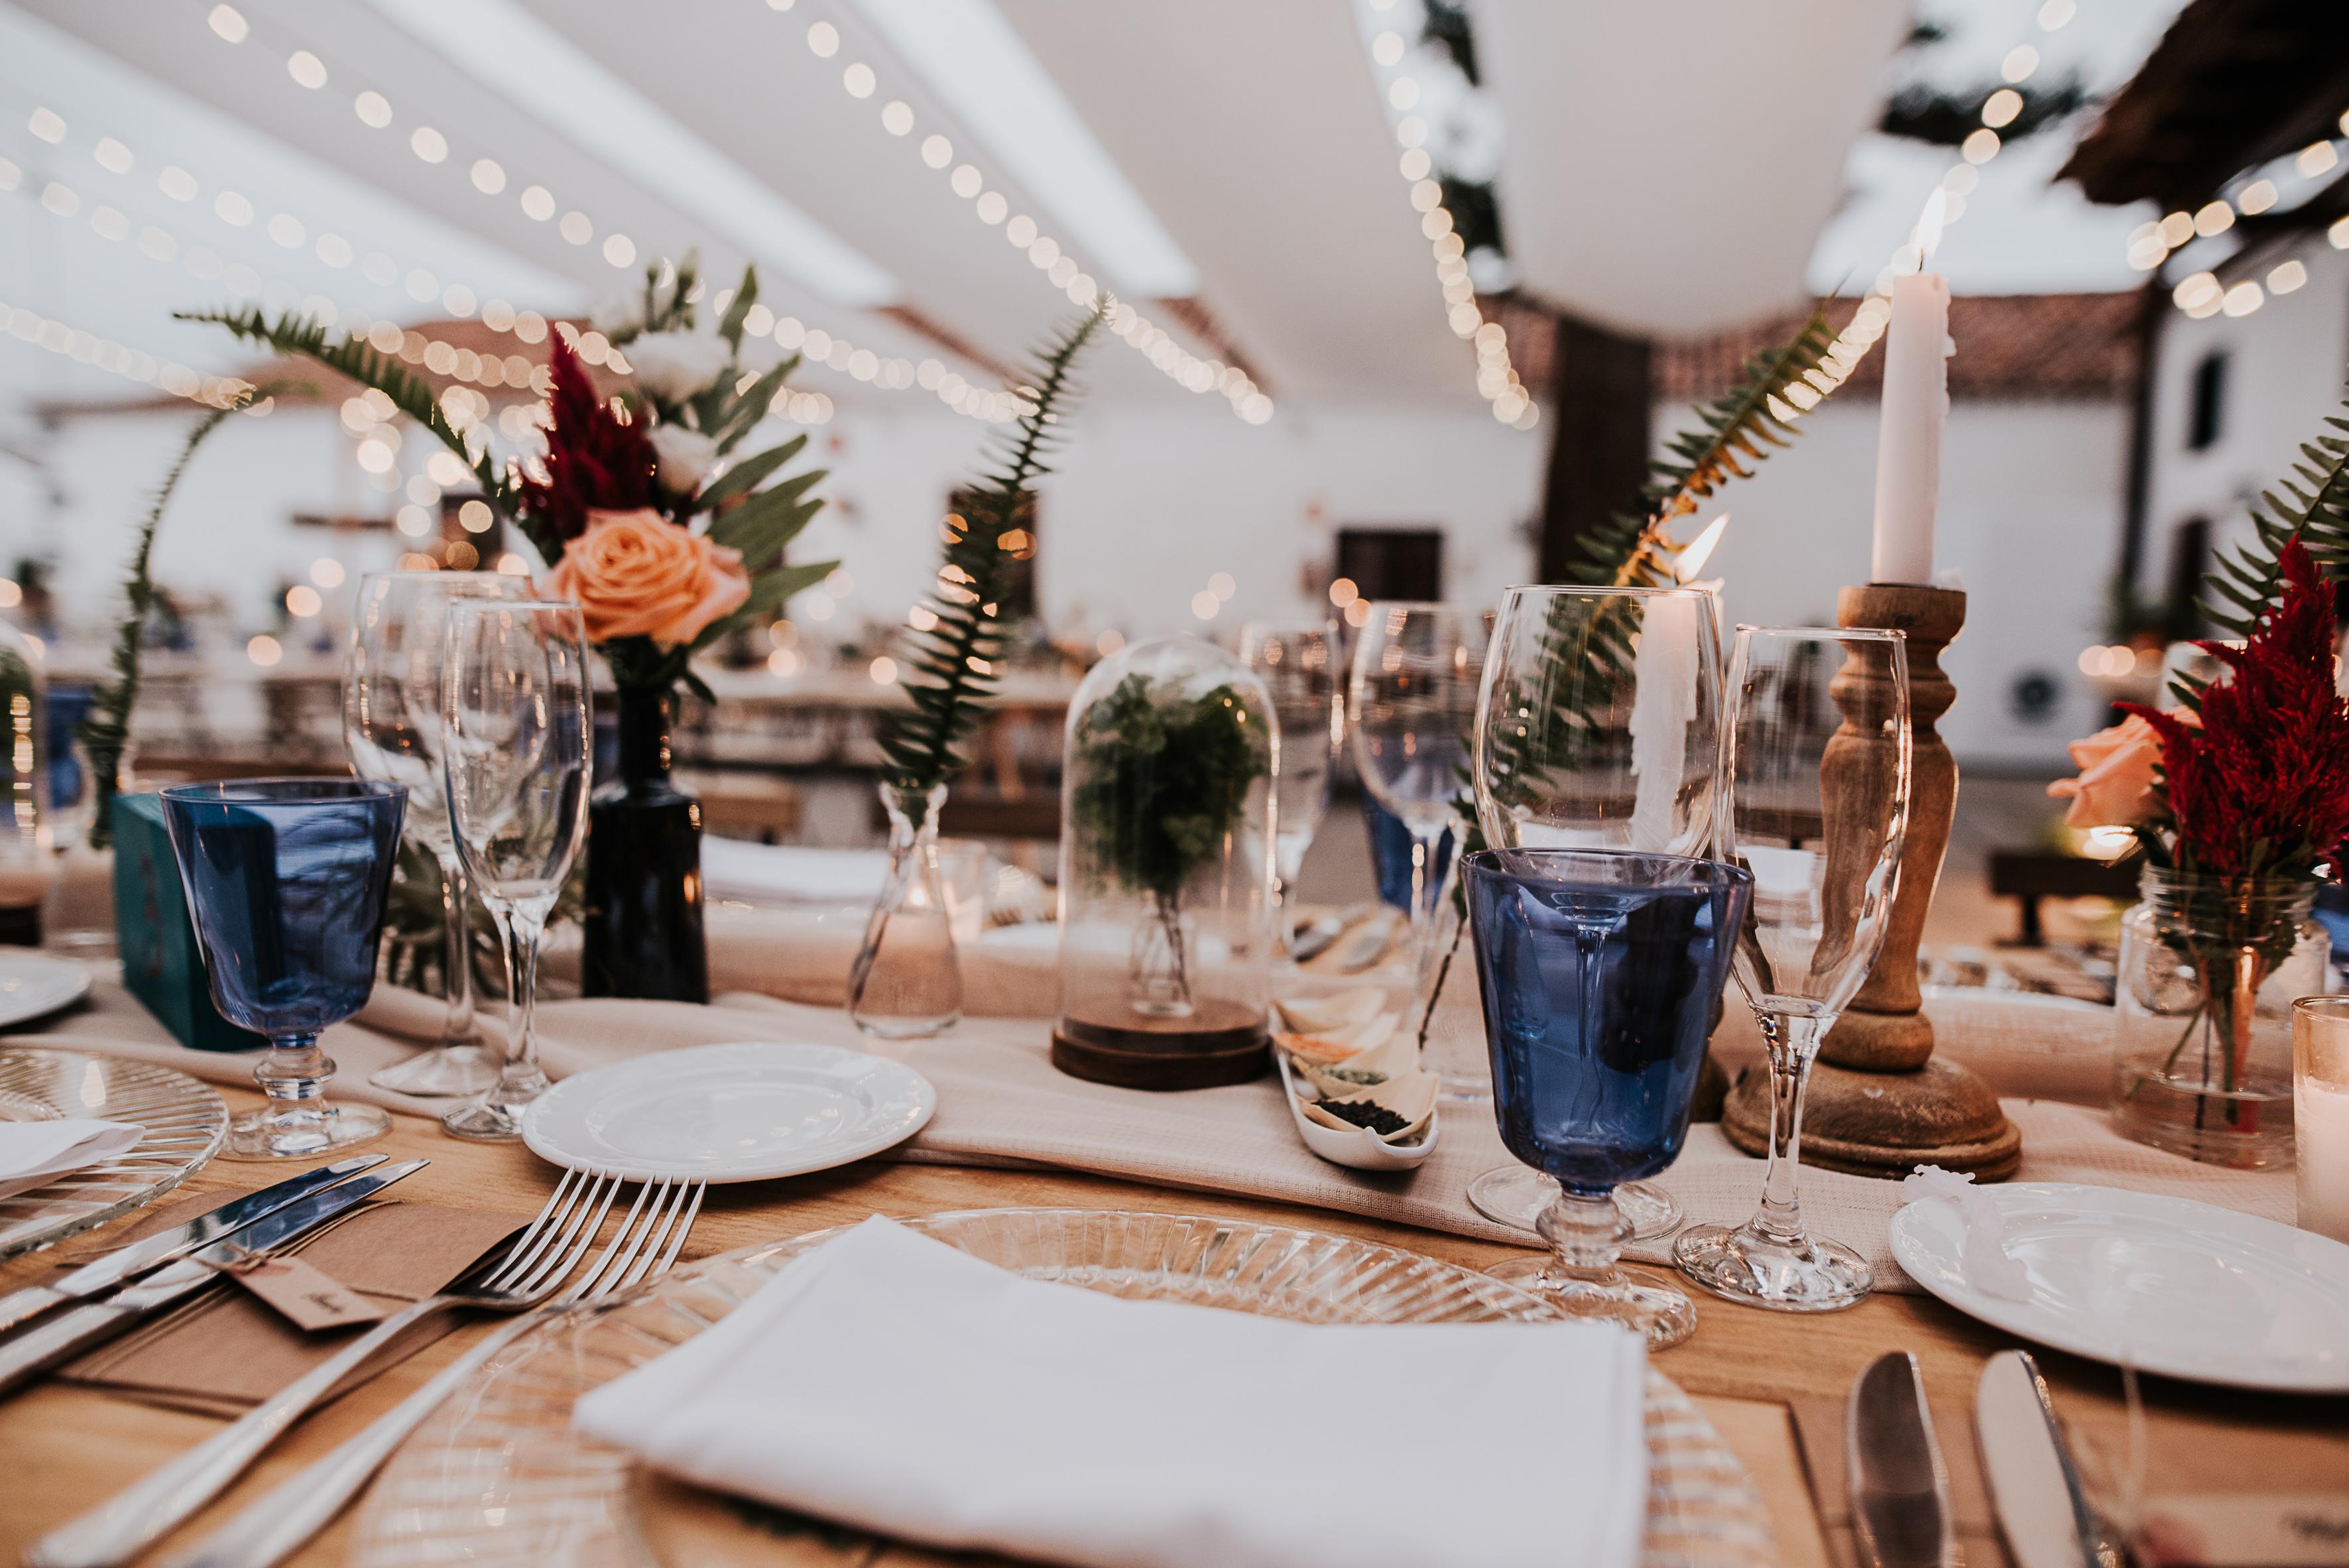 D-bodas.com wedding planners Tenerife